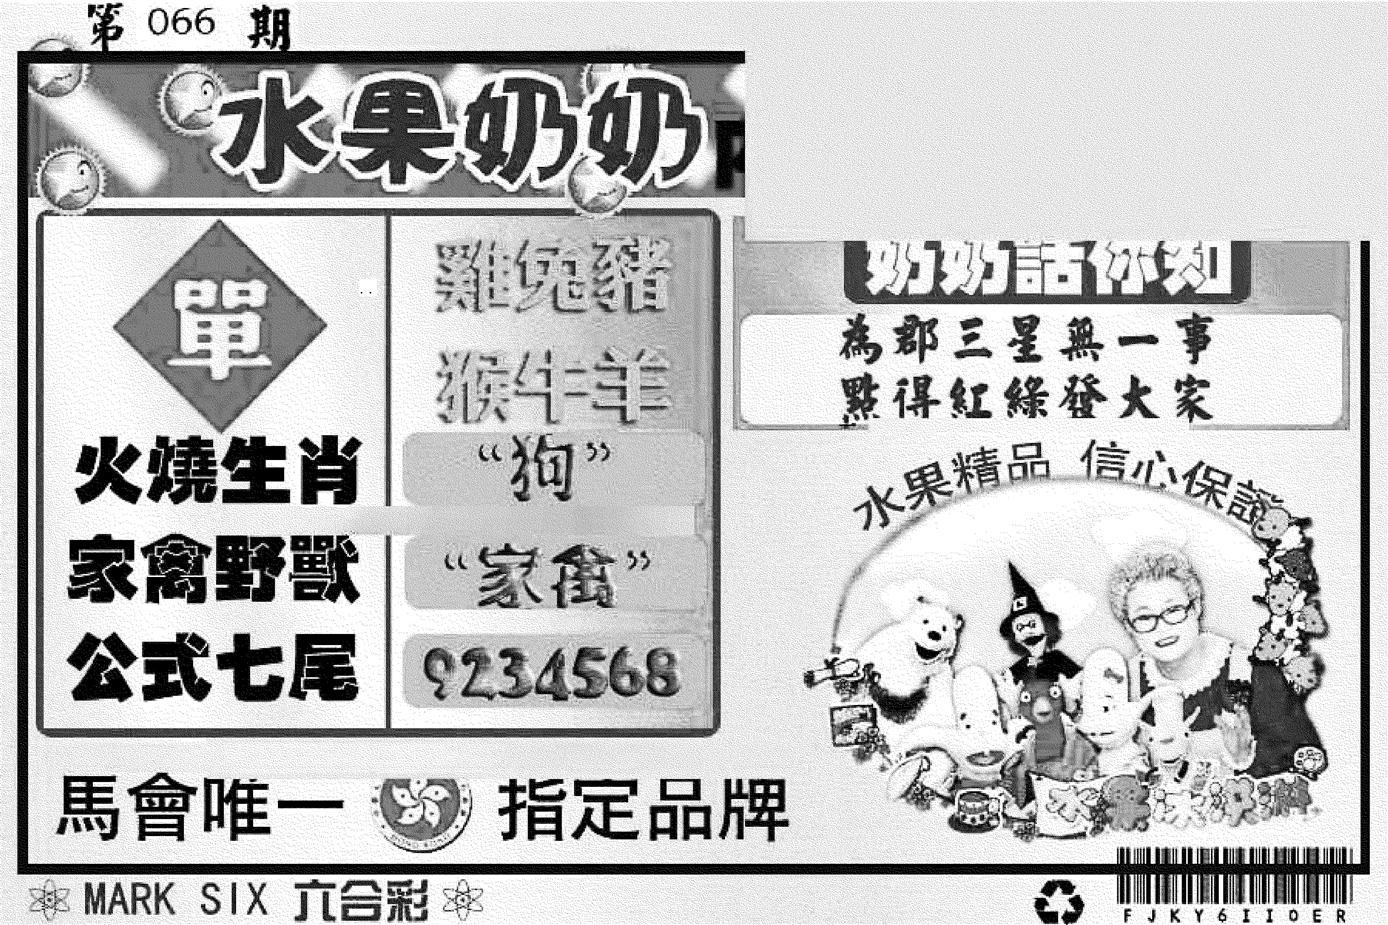 066期水果奶奶内幕(黑白)